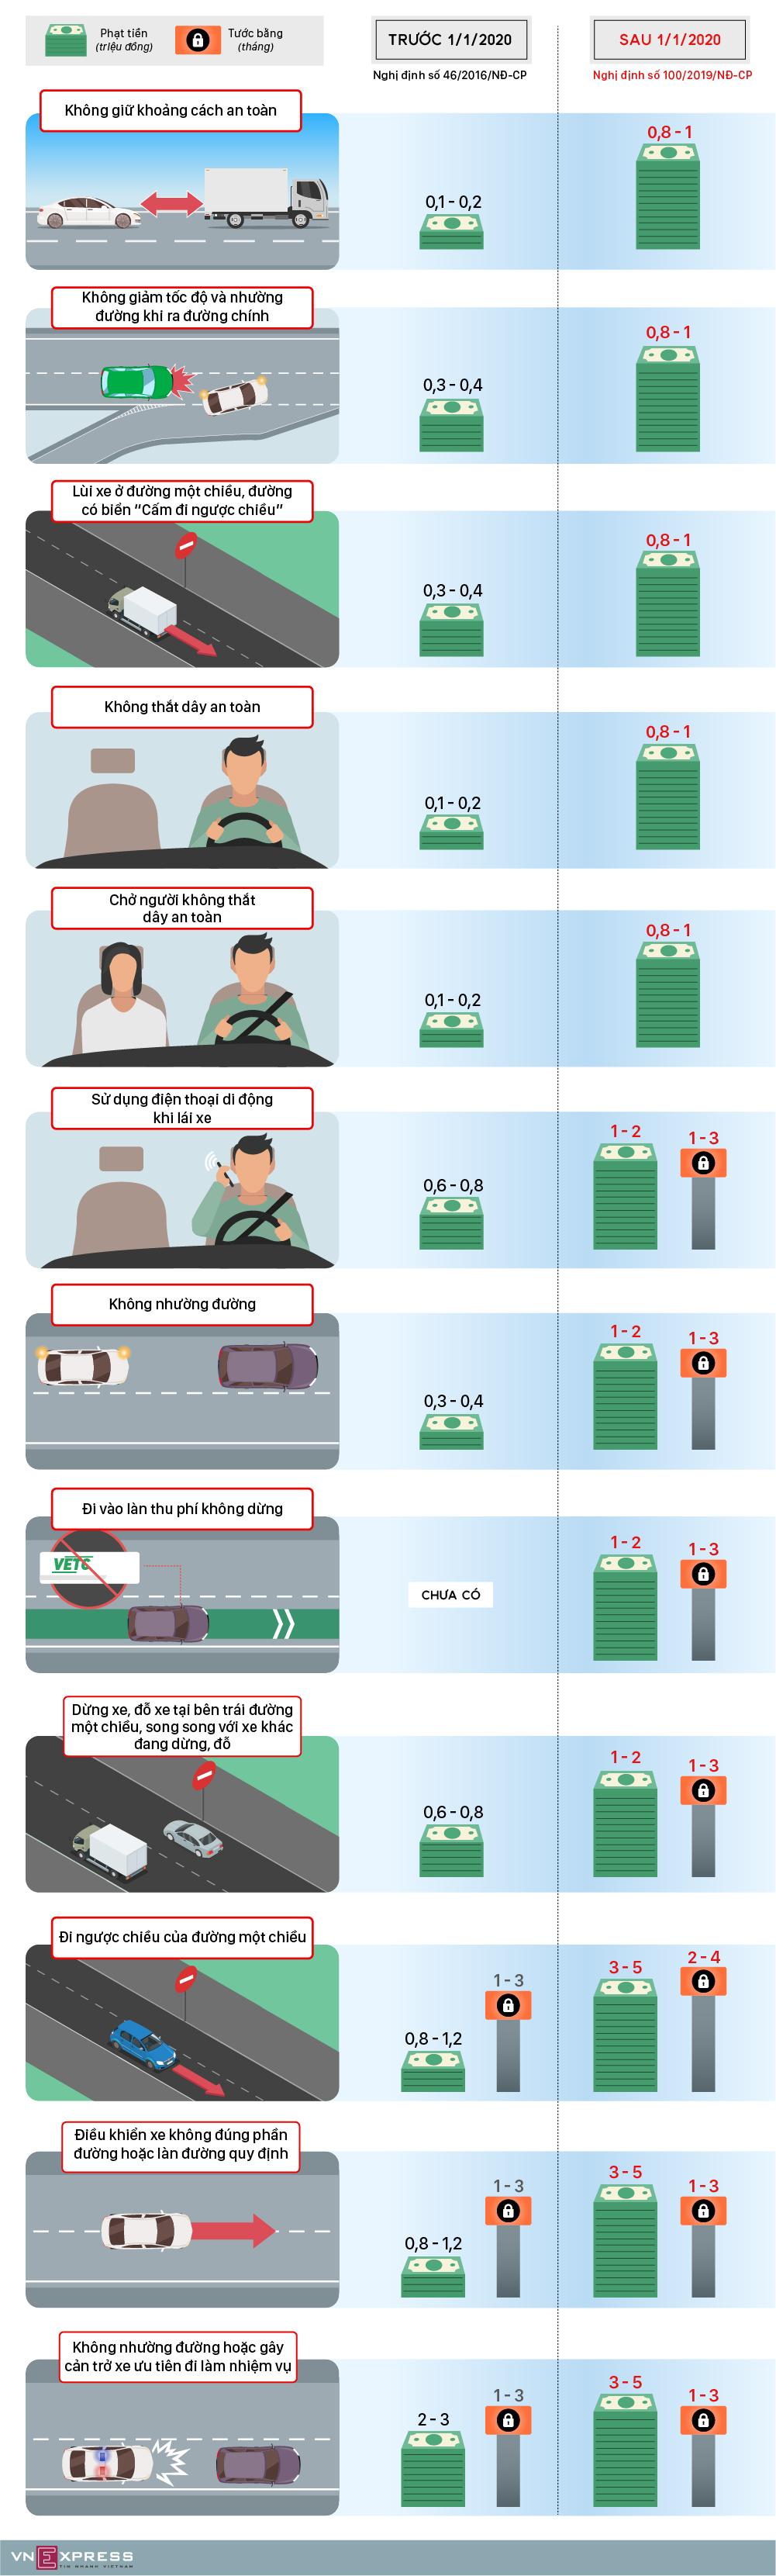 Tài xế không thắt dây an toàn bị phạt một triệu đồng